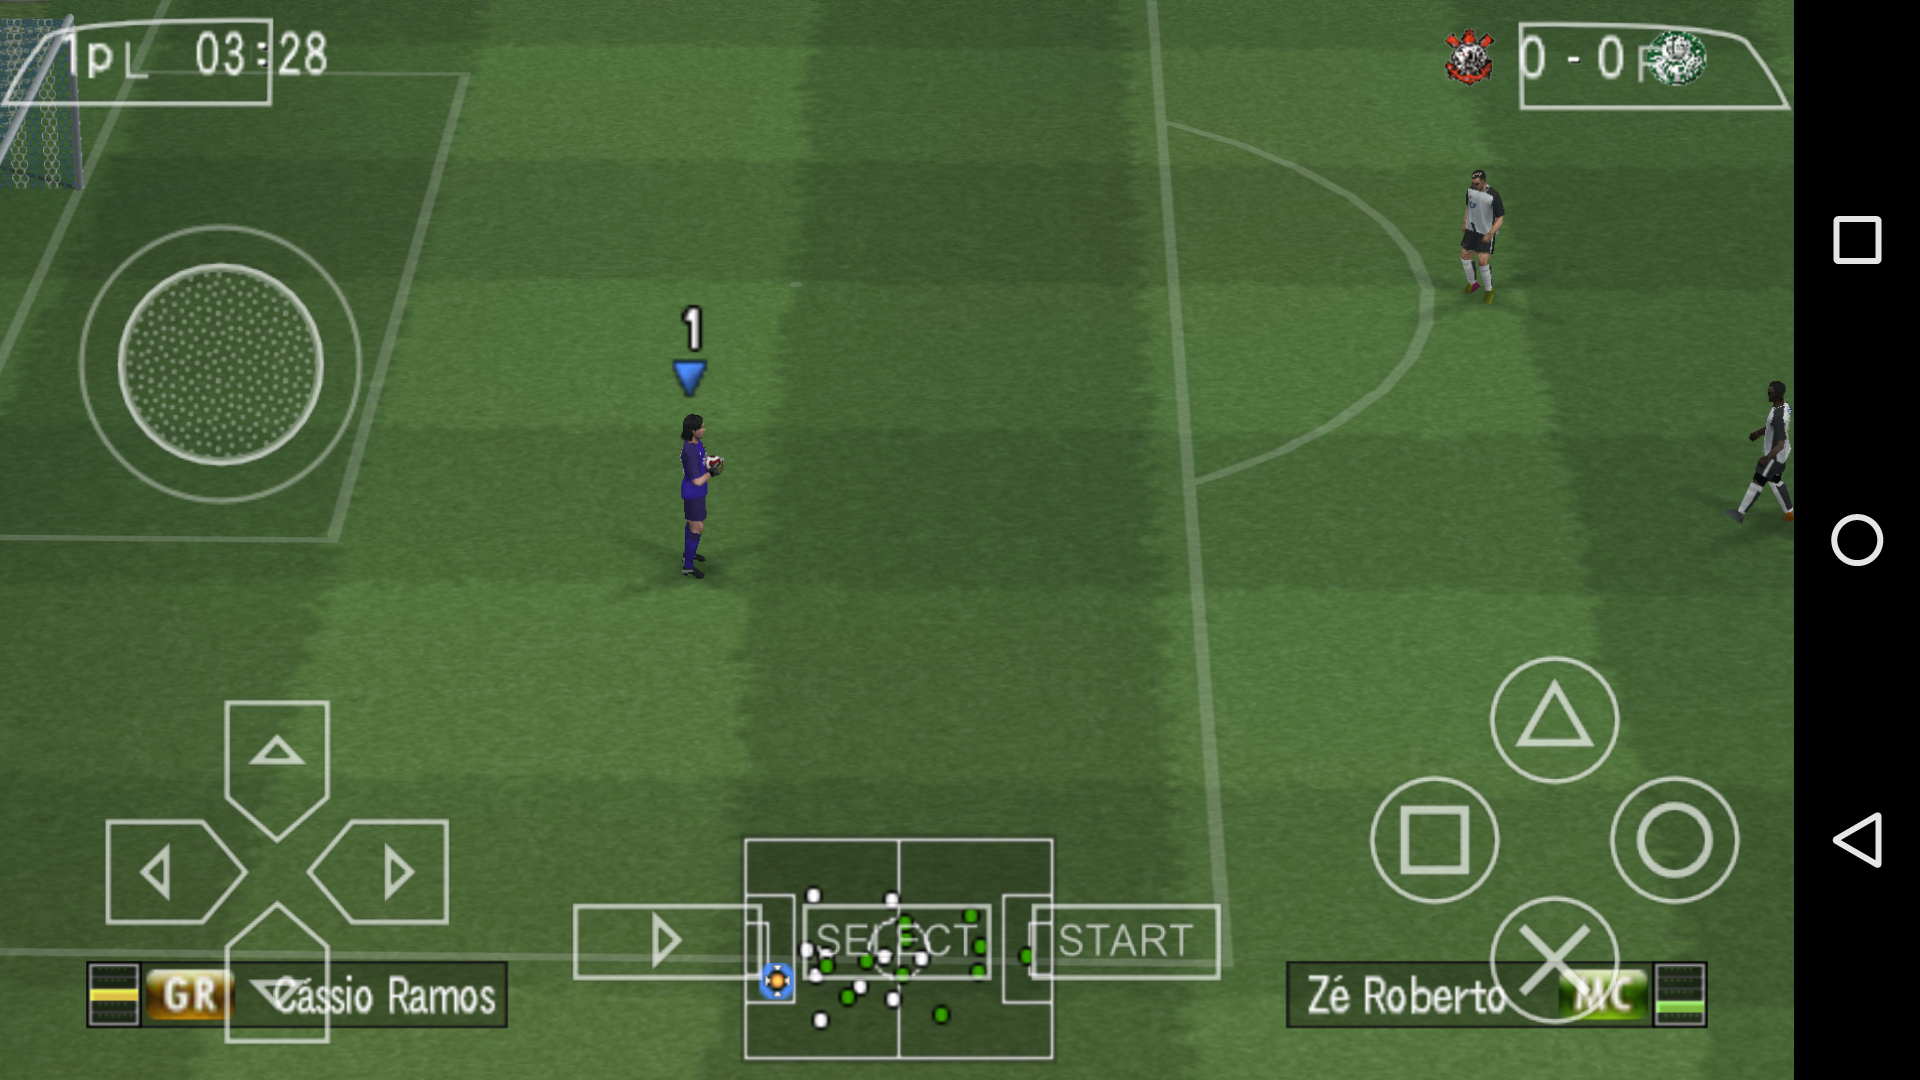 Pro Evolution Soccer 2016 (Pes 2016 Brasileirão) PSP.